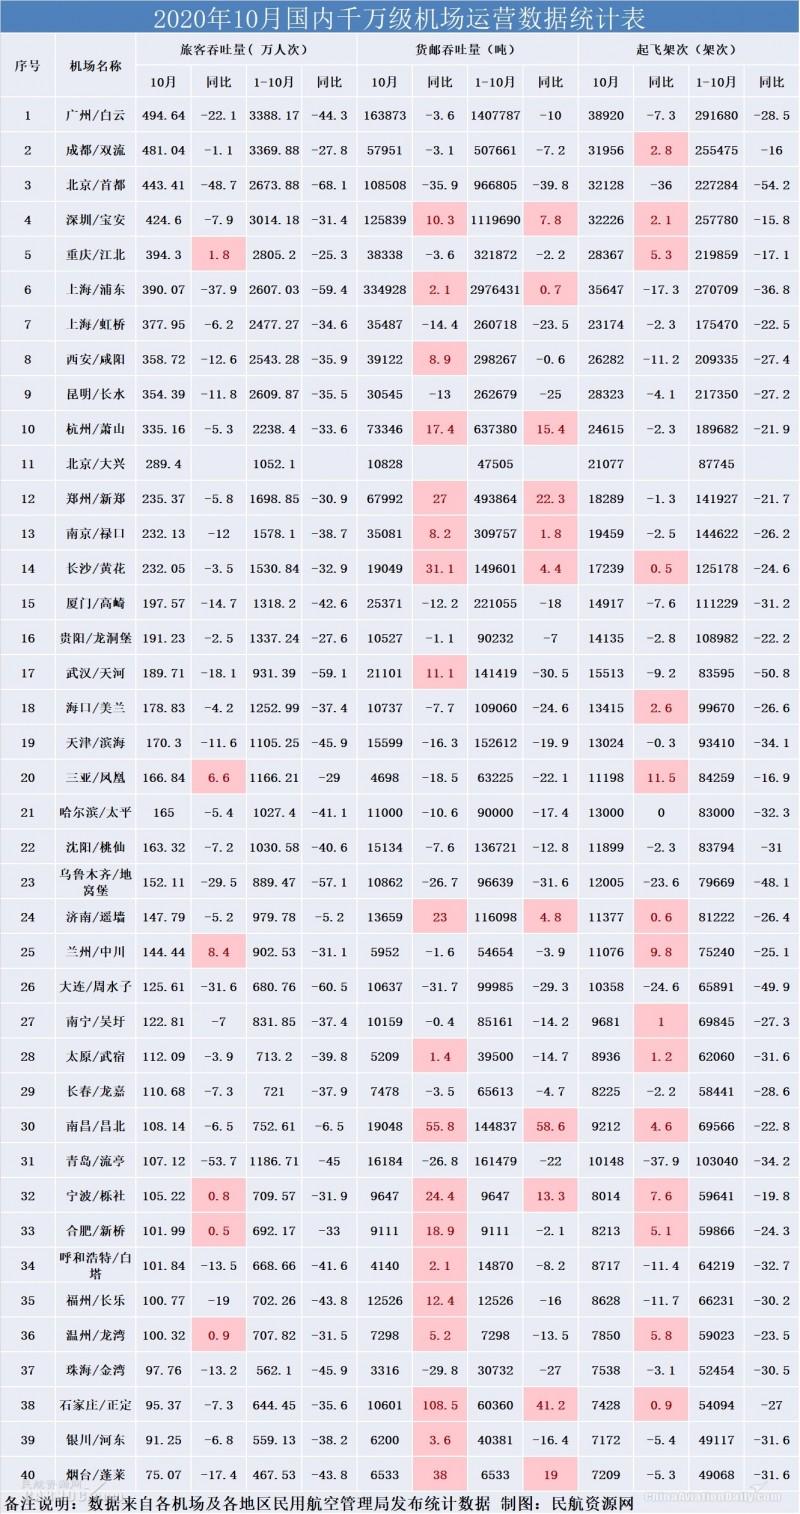 10月1000万级机场:三亚凤凰旅客恢复最快,货运量石家庄同比增长108.5